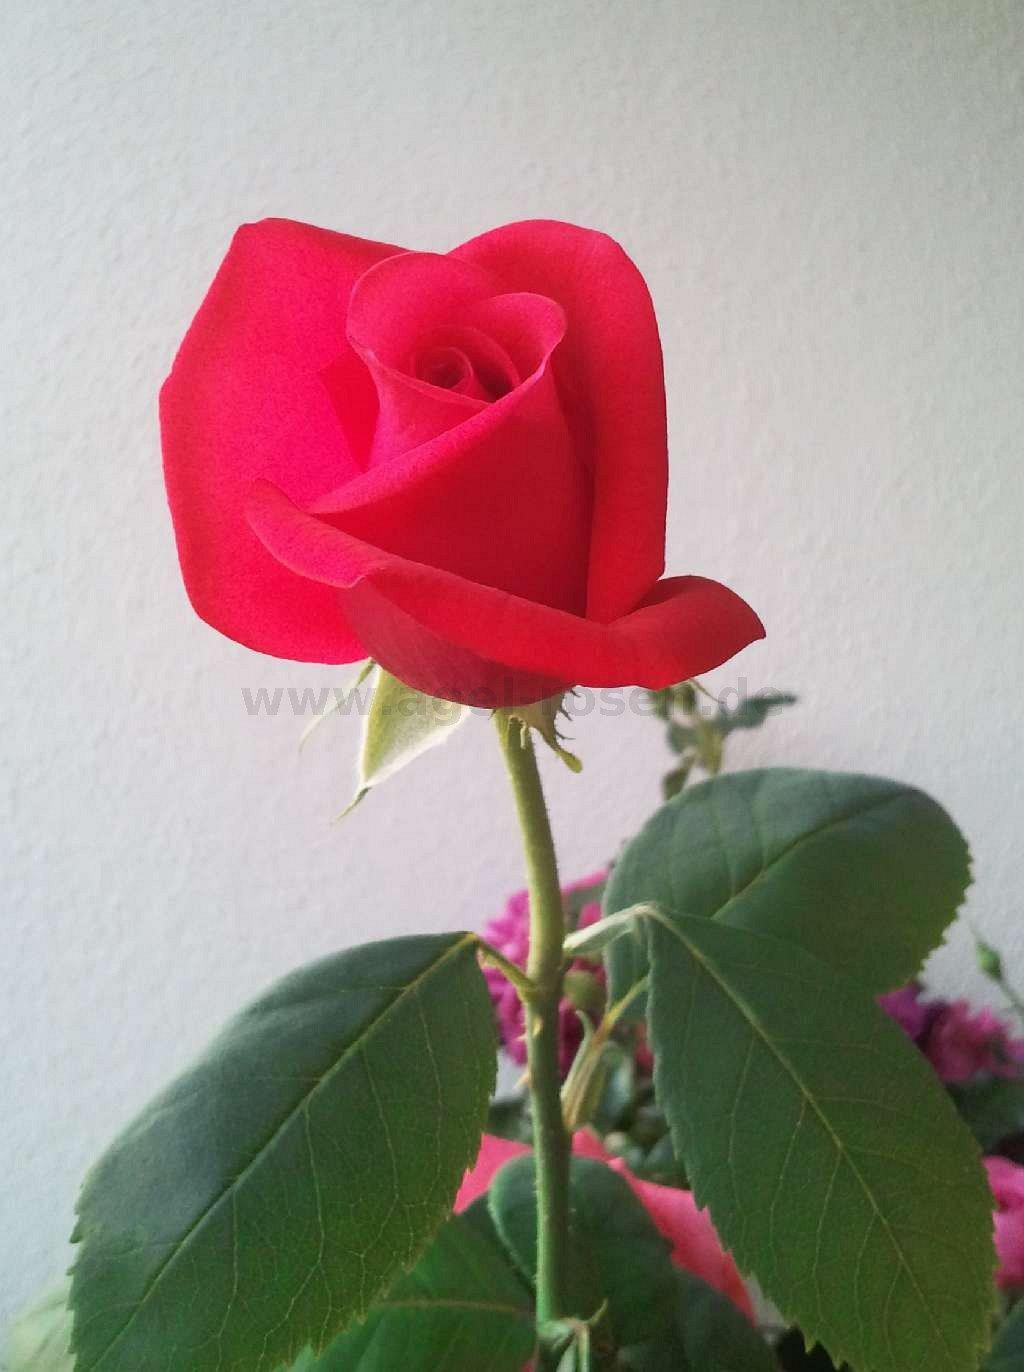 buy rose duftwolke online at agel rosen 5 liter pot container roses. Black Bedroom Furniture Sets. Home Design Ideas